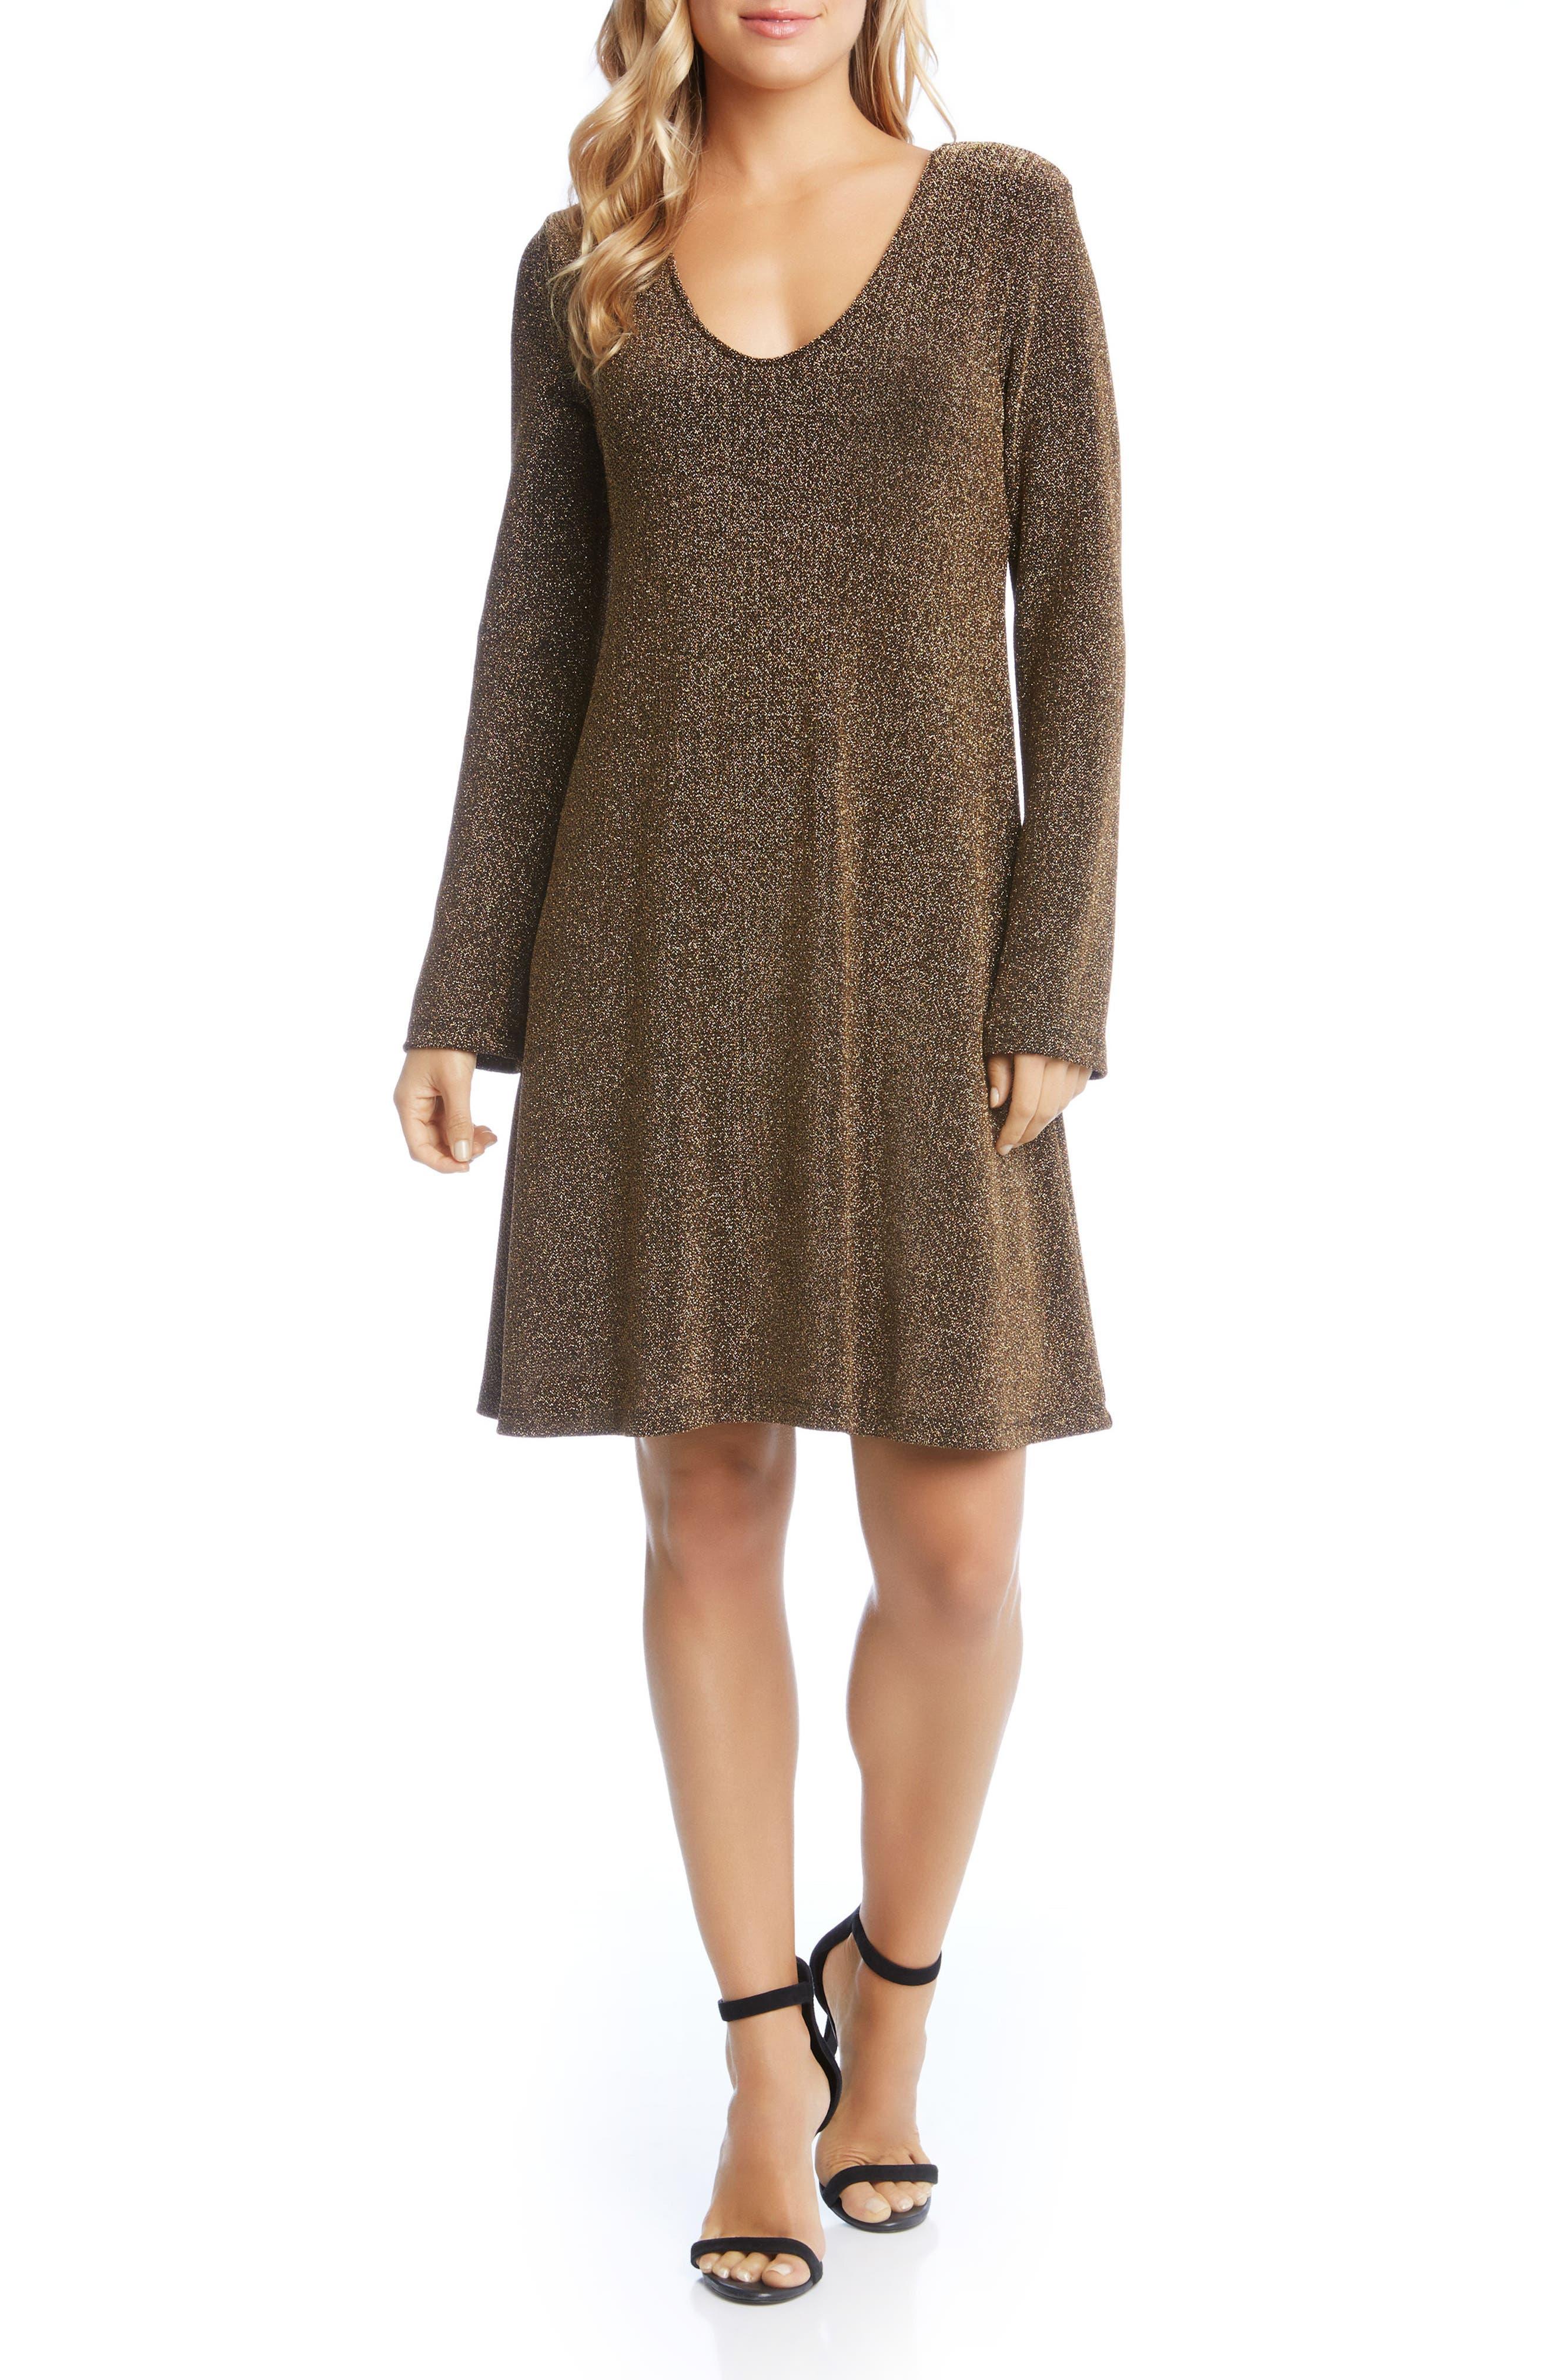 Gold Knit Taylor Dress,                             Main thumbnail 1, color,                             710